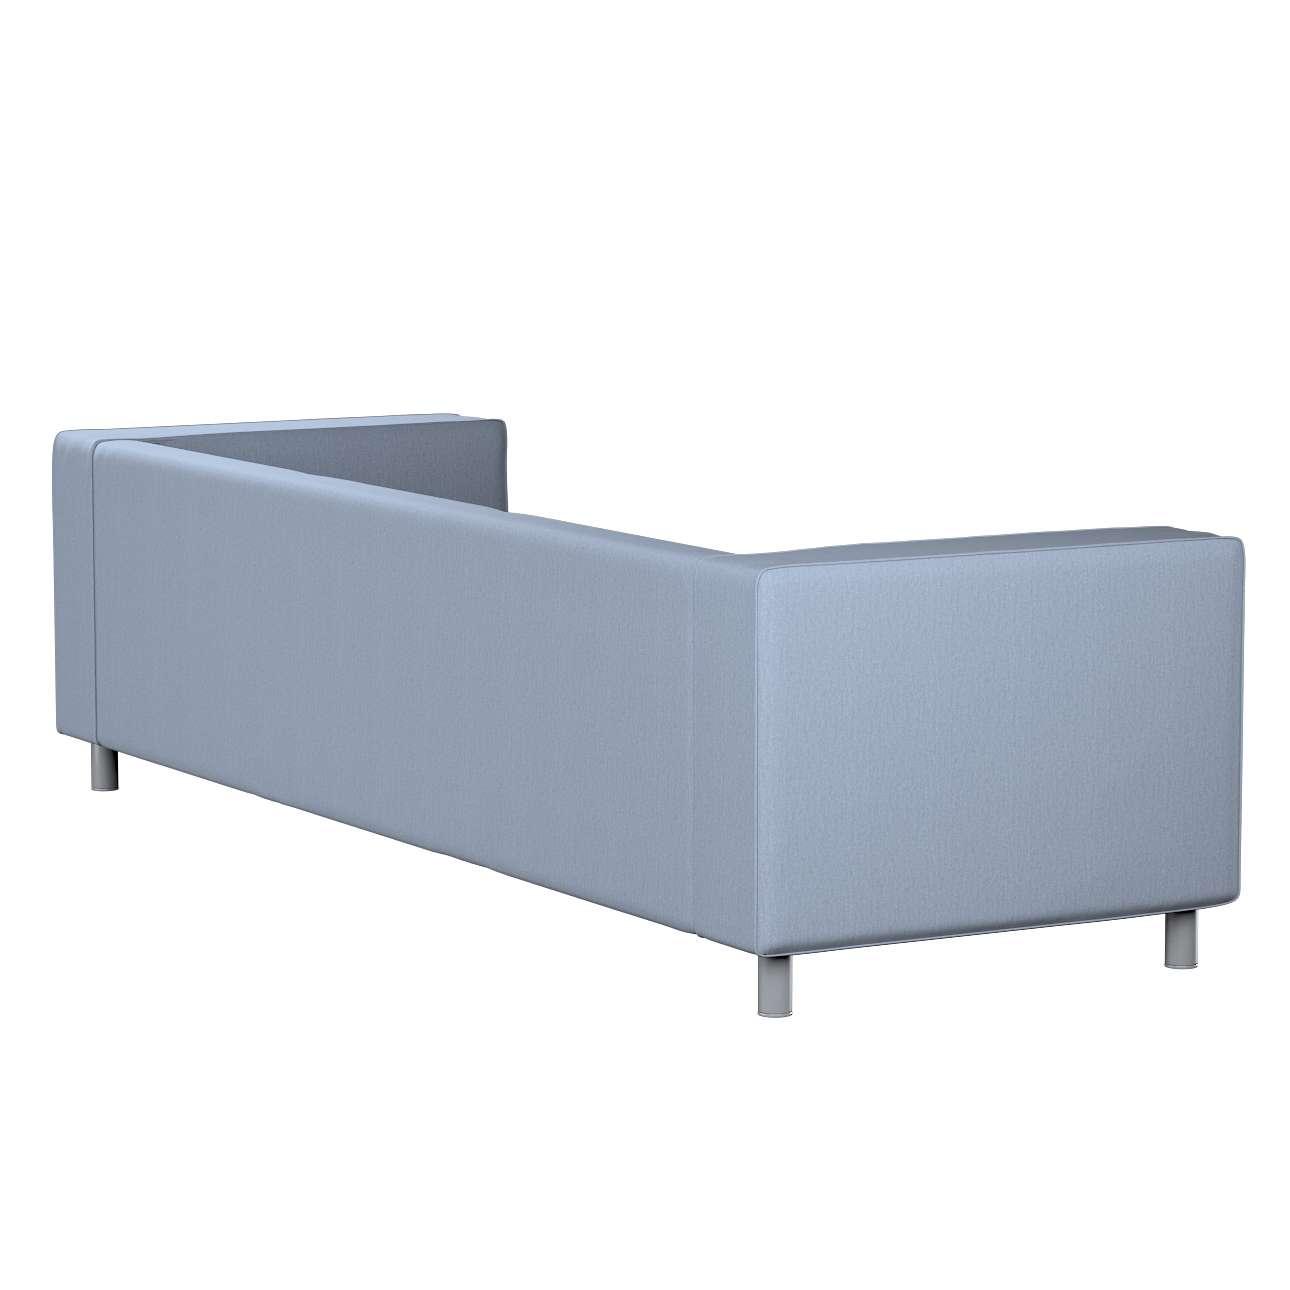 Klippan keturvietės sofos užvalkalas kolekcijoje Chenille, audinys: 702-13